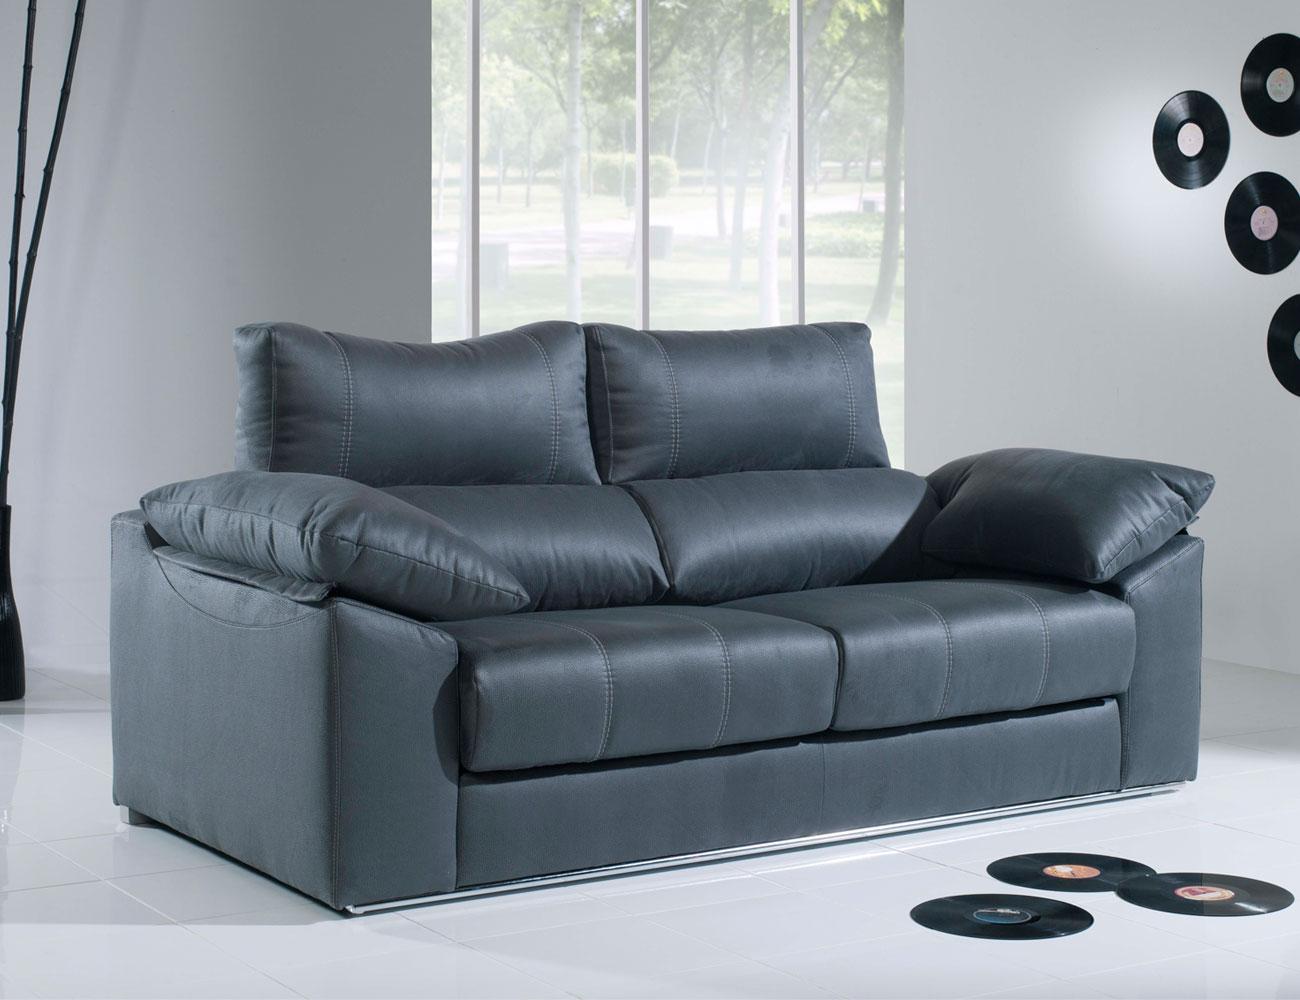 Sofa 3 plazas moderno con barra22